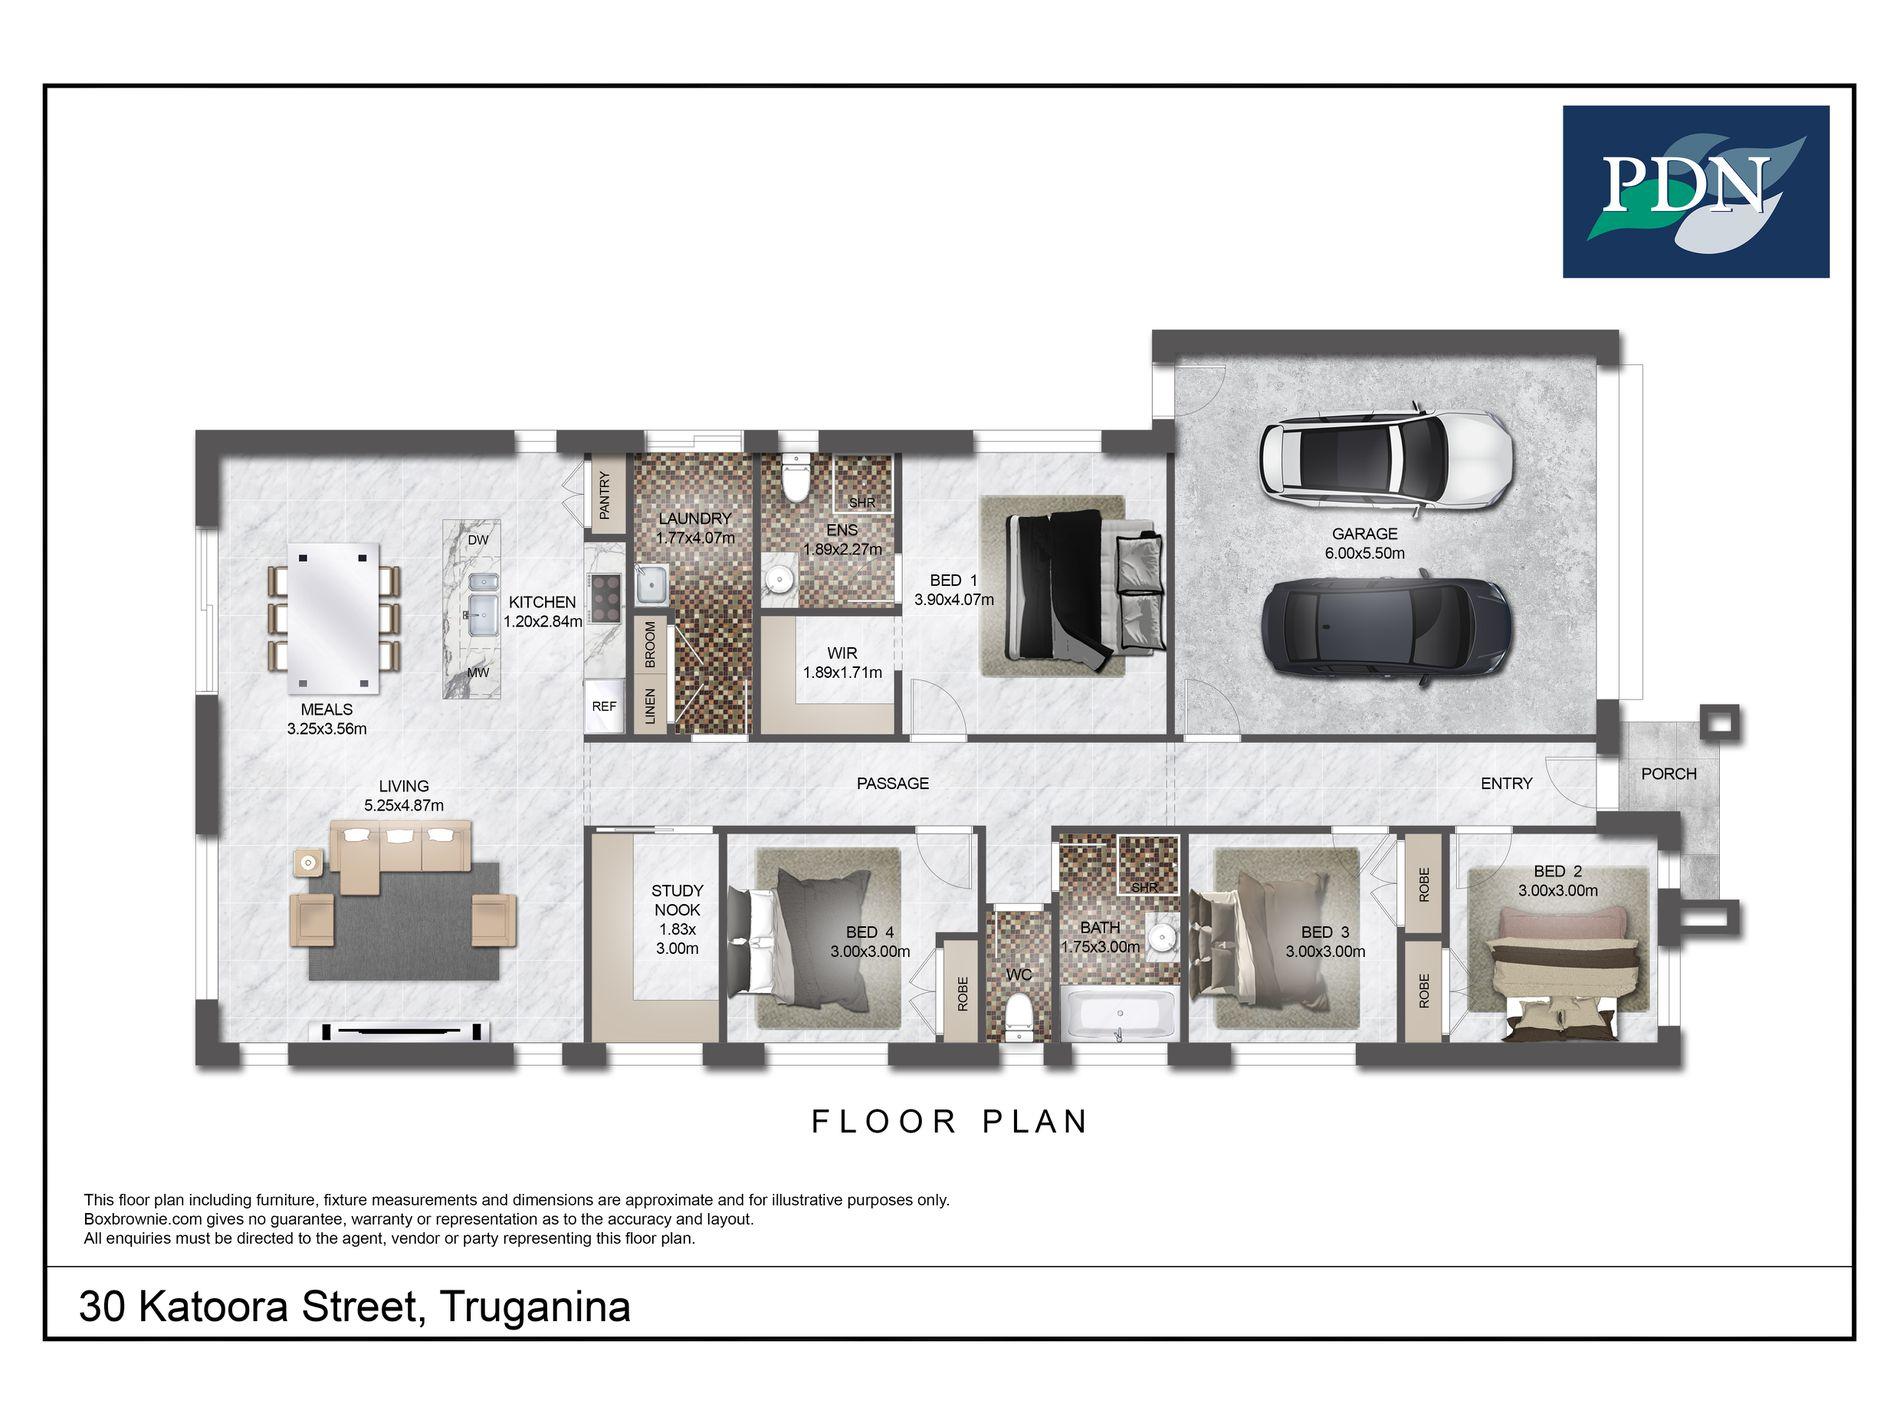 30 Katoora Street, Truganina